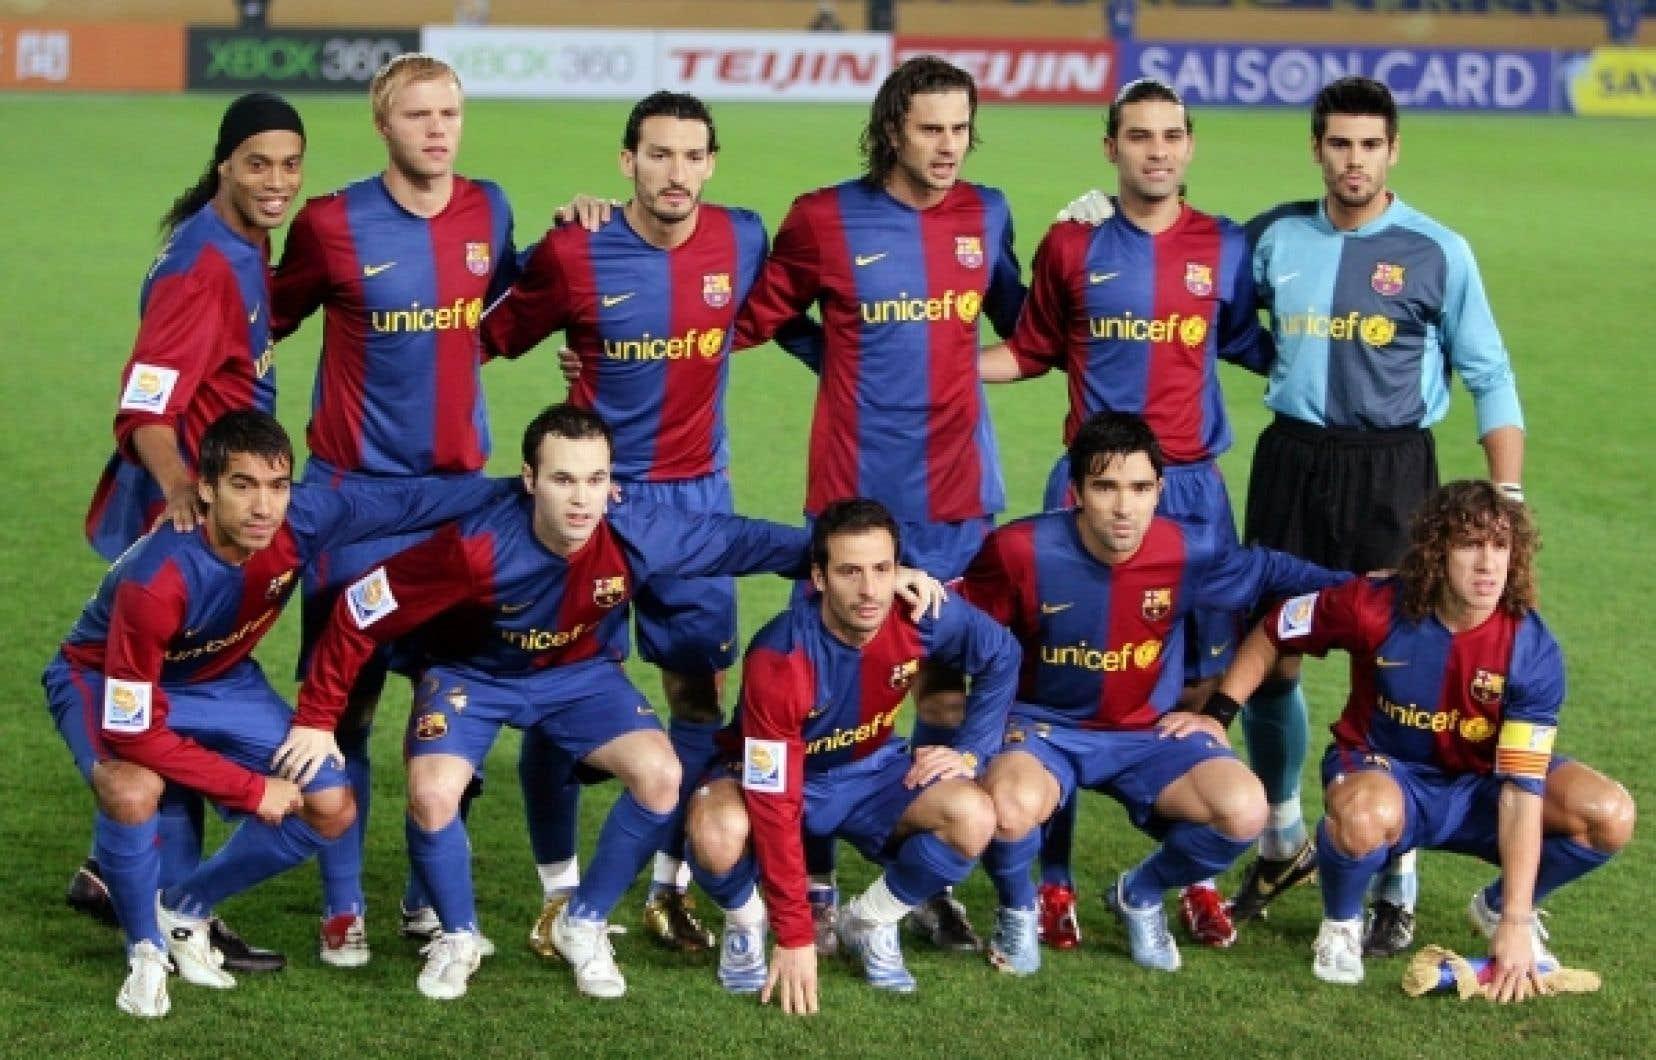 Bien des gens font affaire ou consomment auprès d'entreprises incontournables en ignorant qu'il s'agit de coopératives. L'équipe de soccer FC Barcelone [photo datant de 2009] constitue pourtant un exemple très visible.